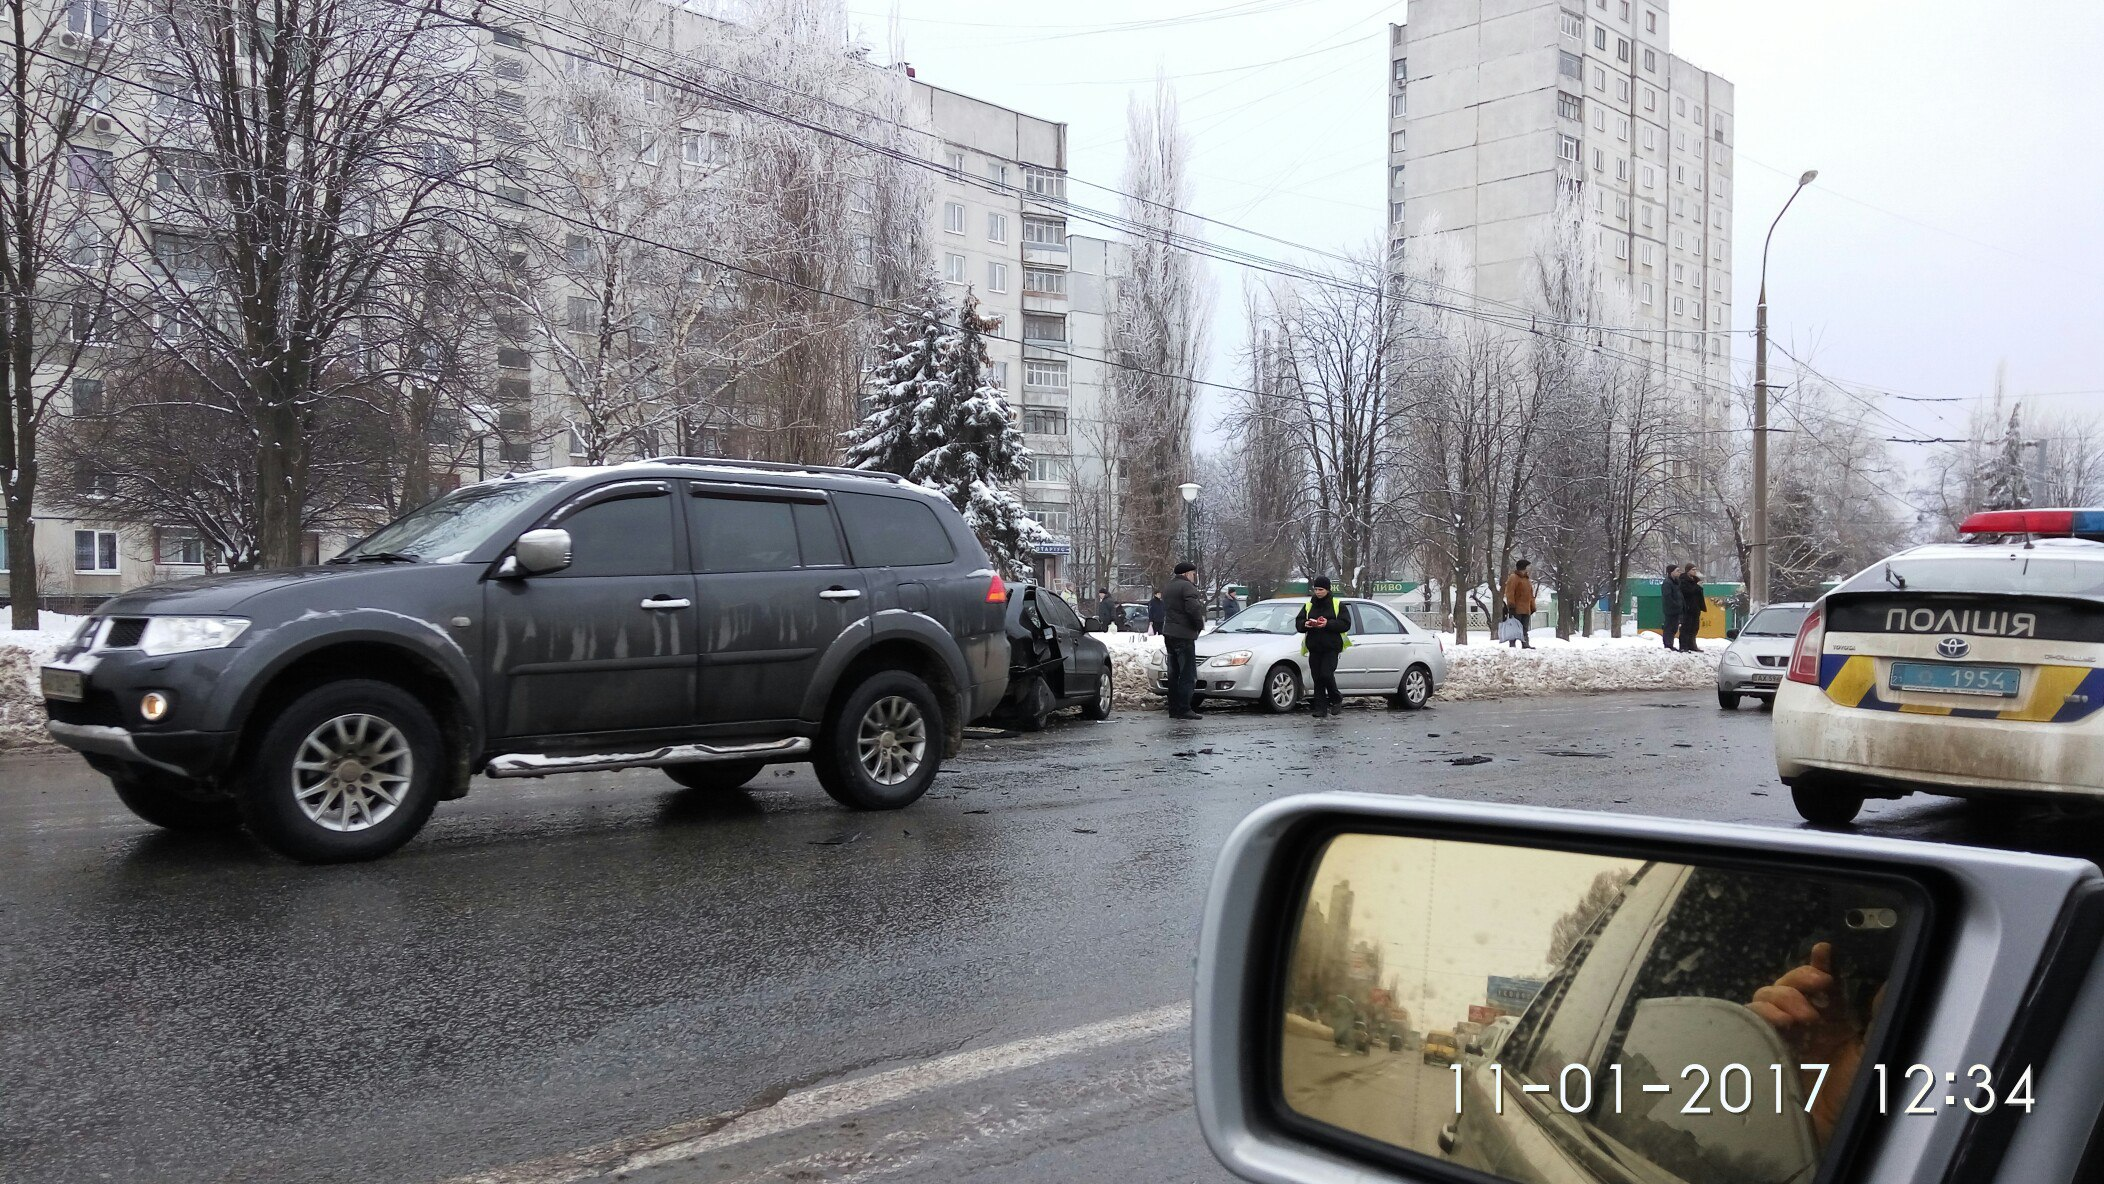 Страшная авария на Салтовке. Машину разорвало на части (ФОТО)